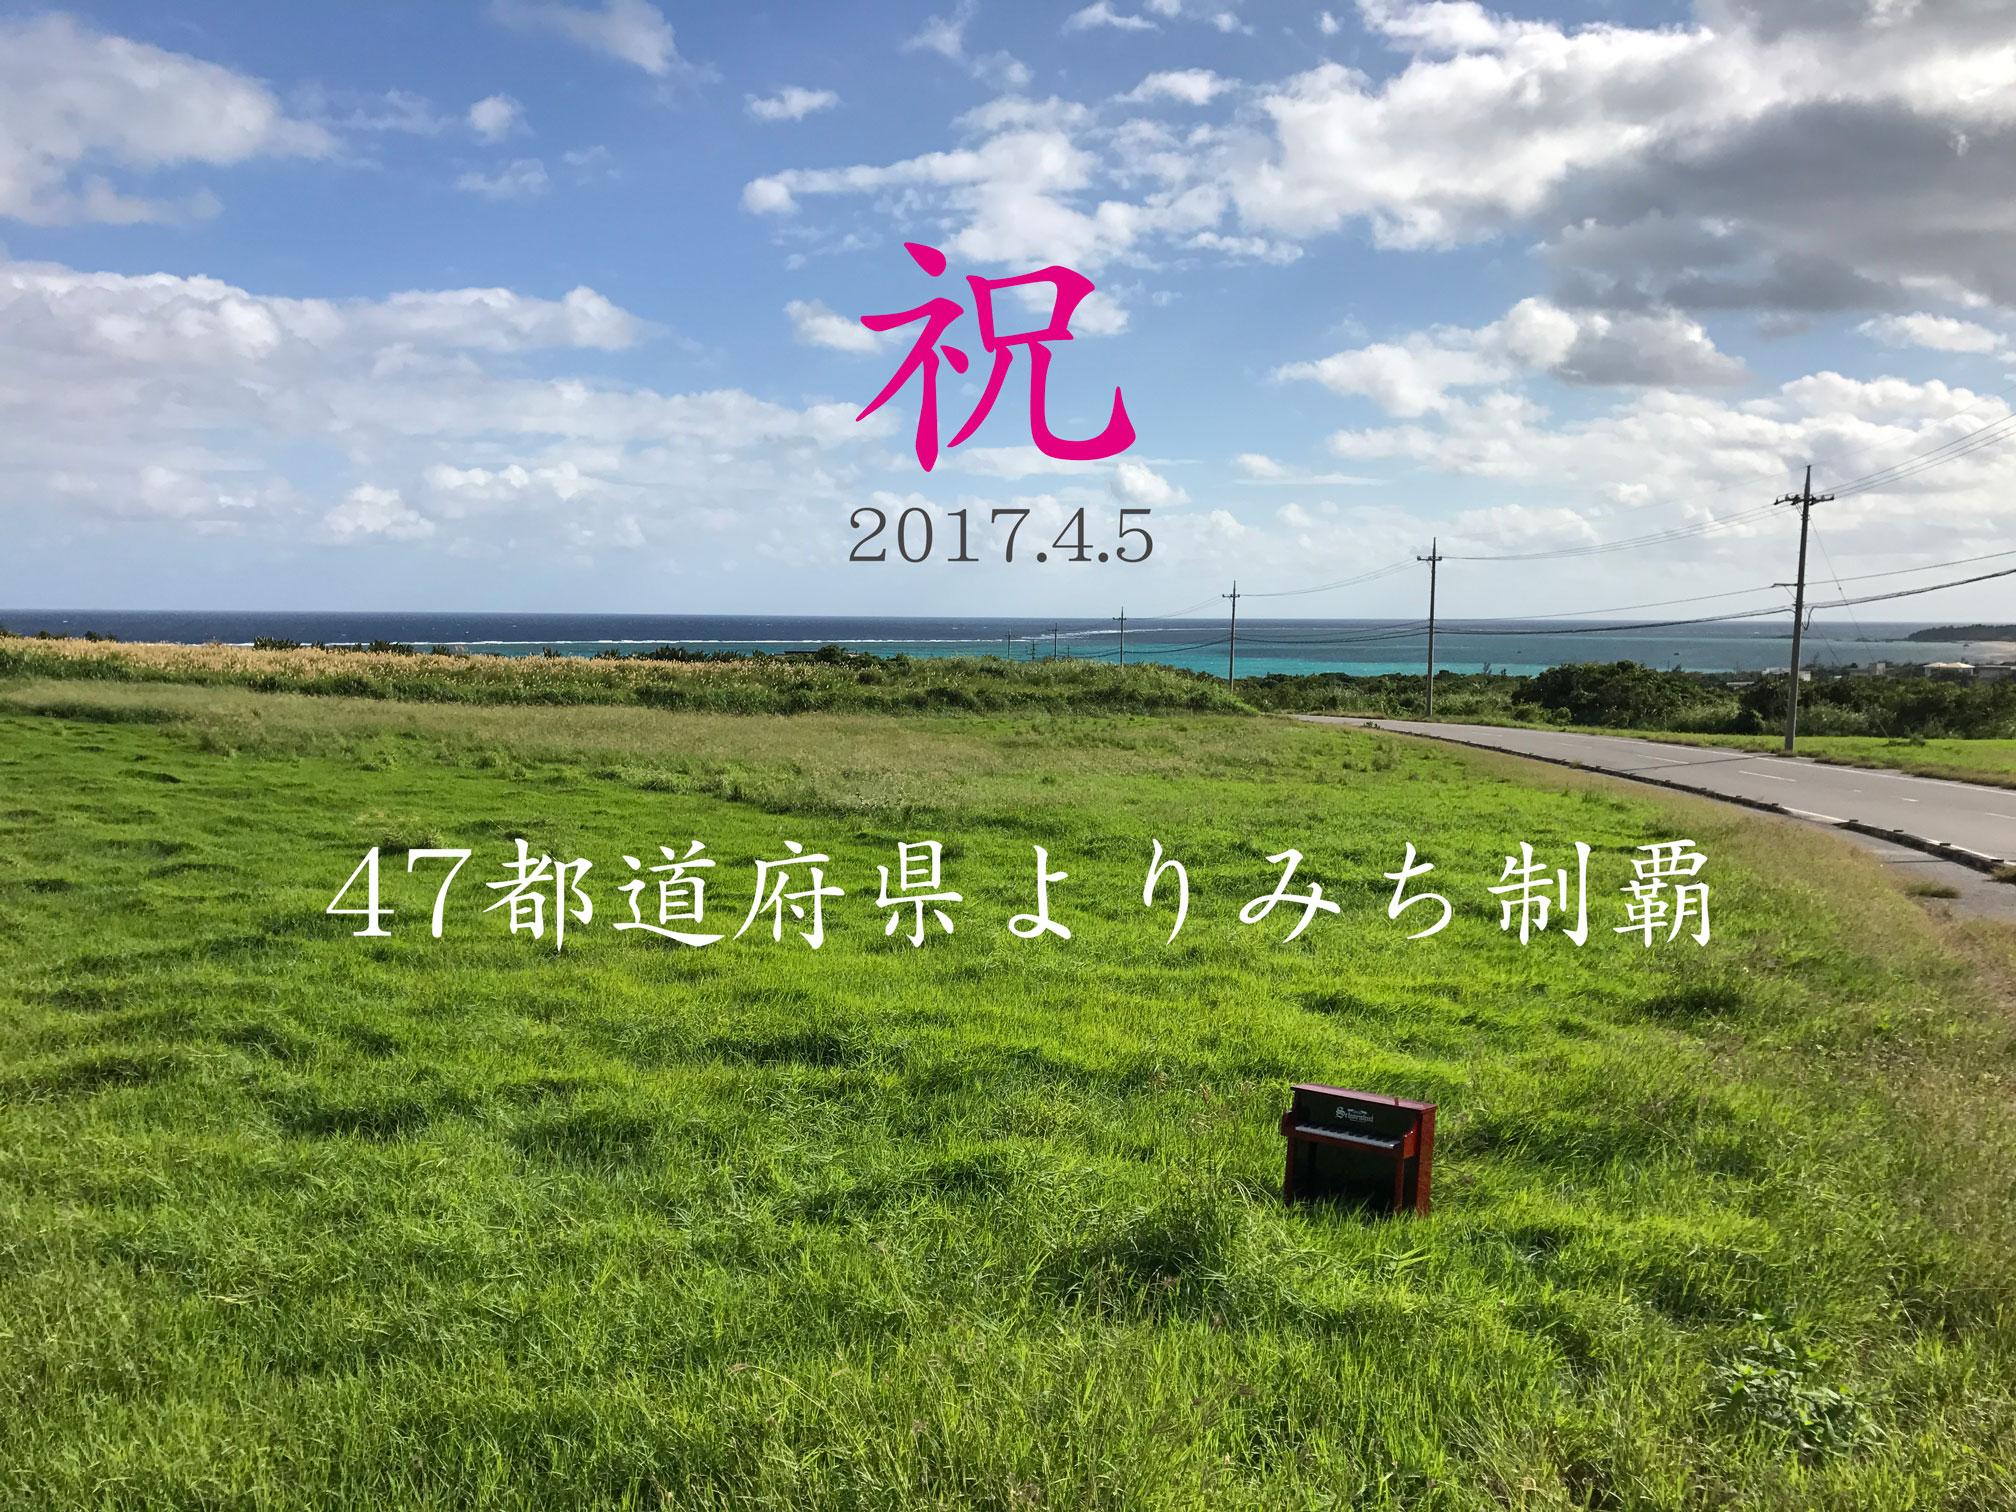 47都道府県よりみち制覇